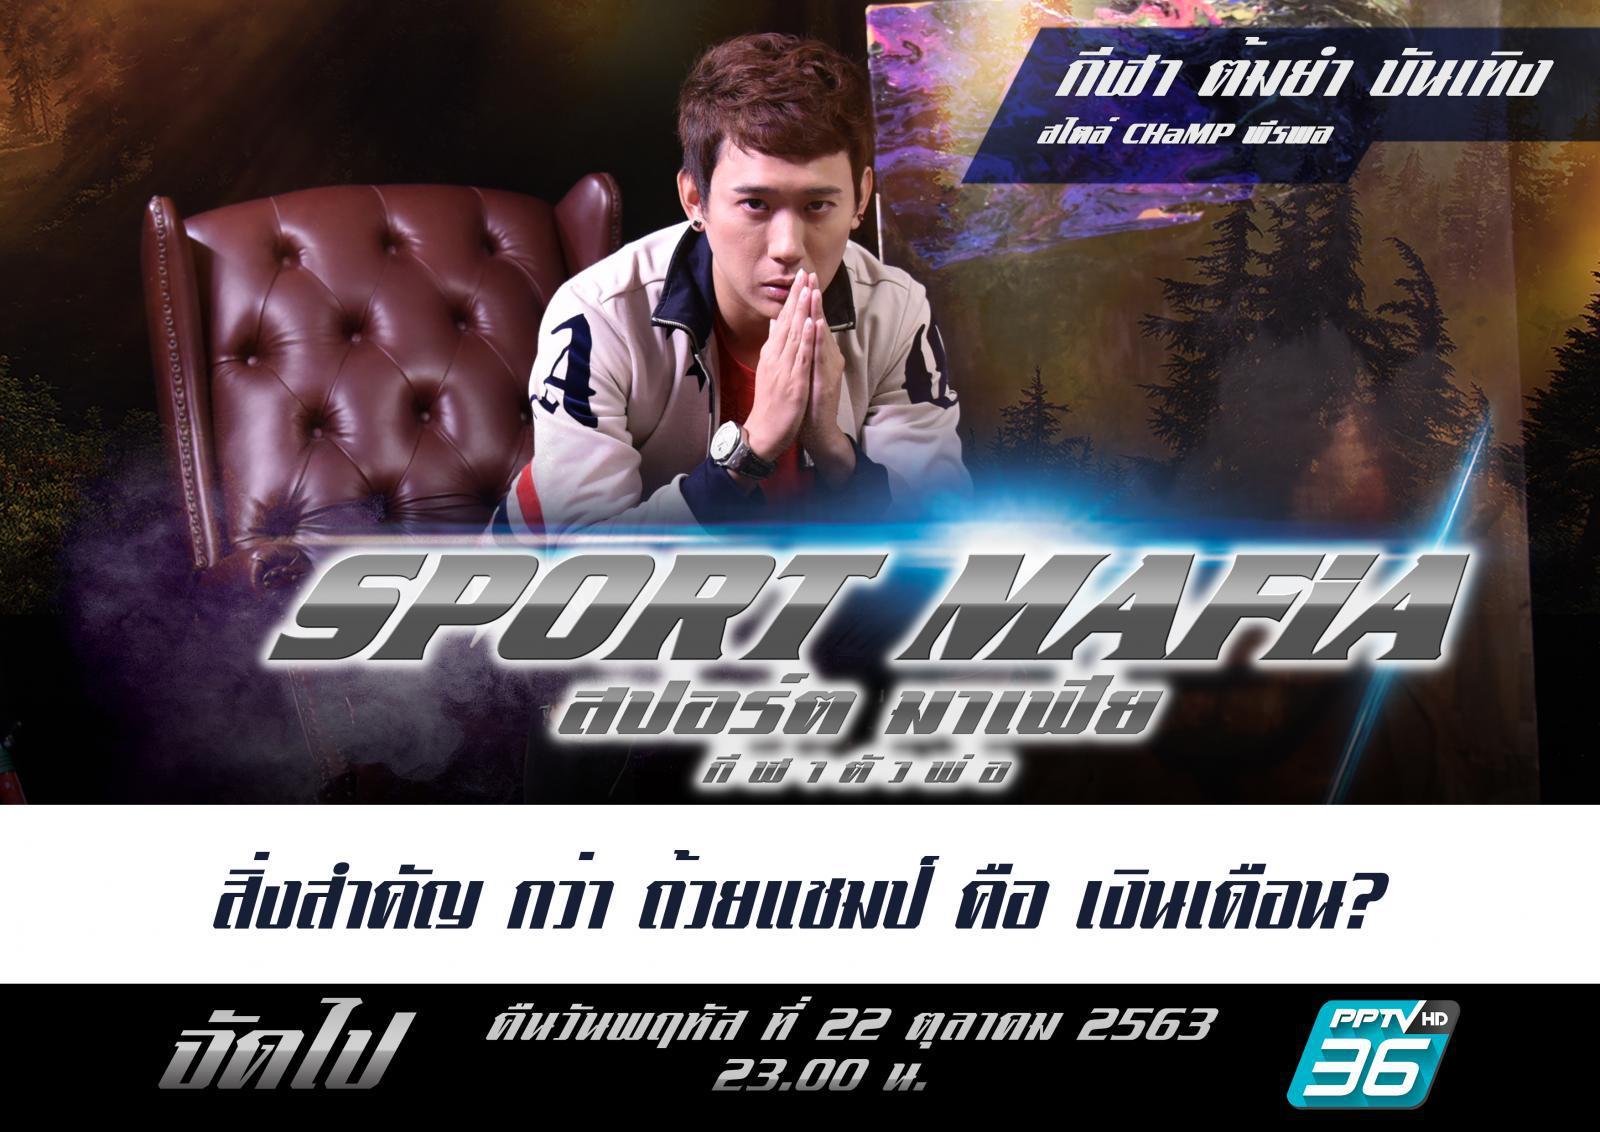 นักบอลต่างชาติเก่งกว่านักเตะไทย จริงเหรอ